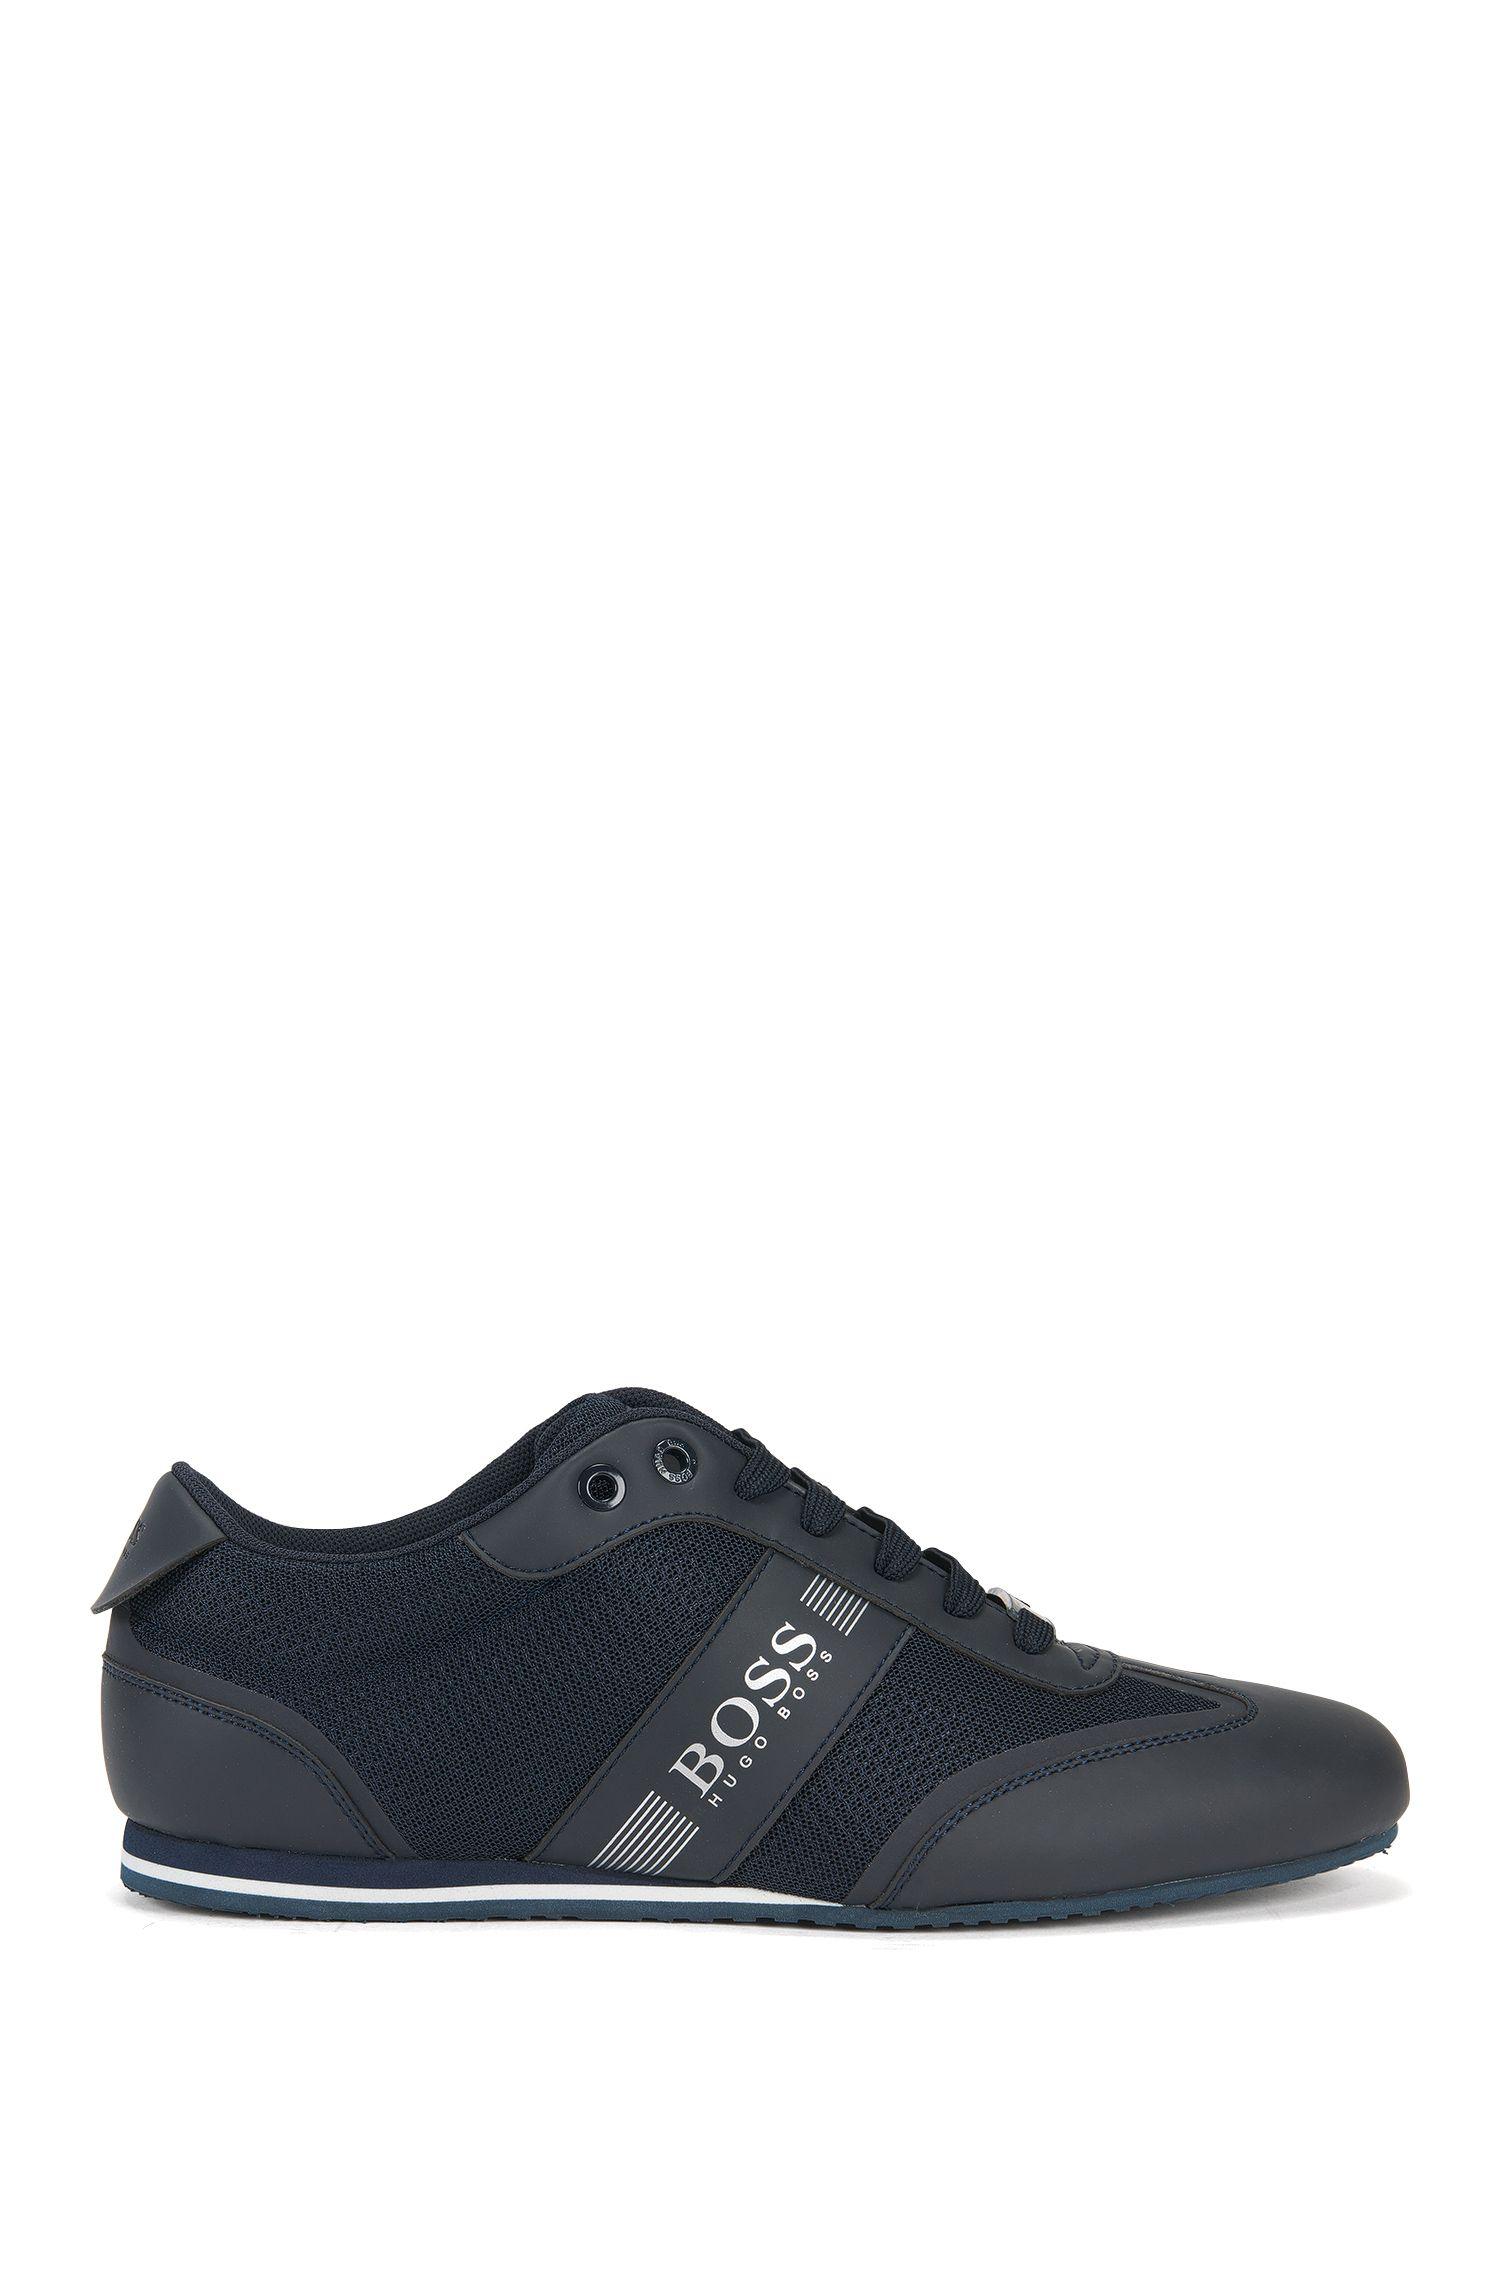 Mesh Sneaker | Lighter Lowp Mxme